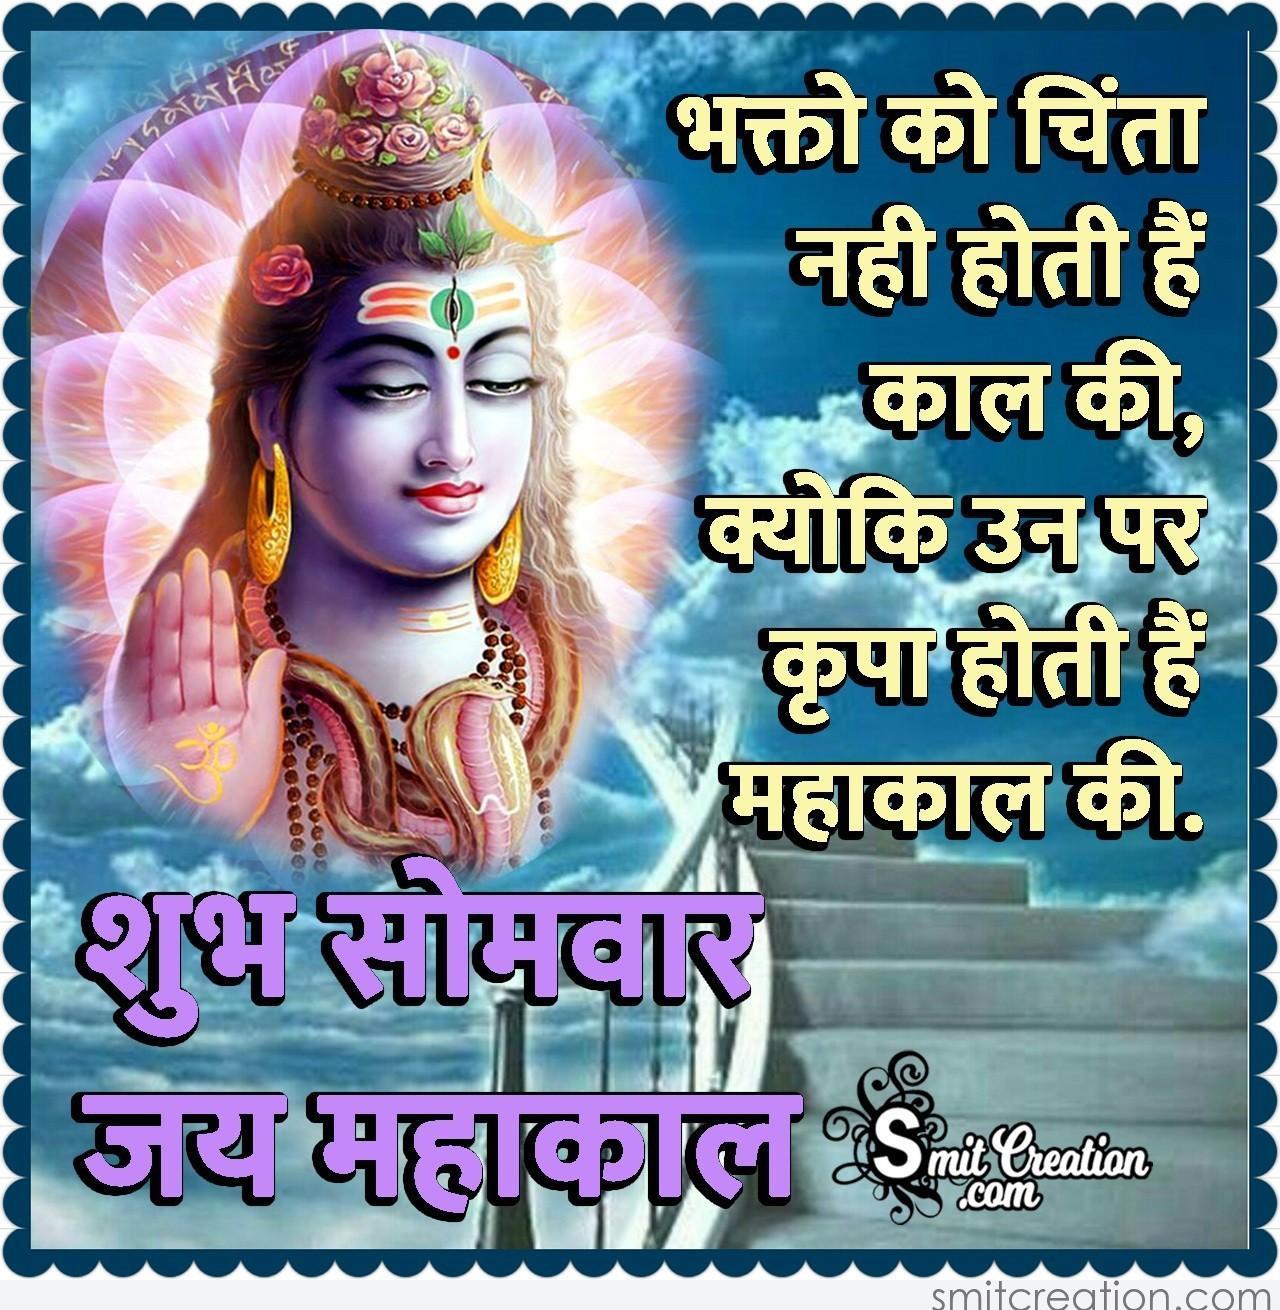 Shubh Somvar Jai Mahakal Smitcreation Com